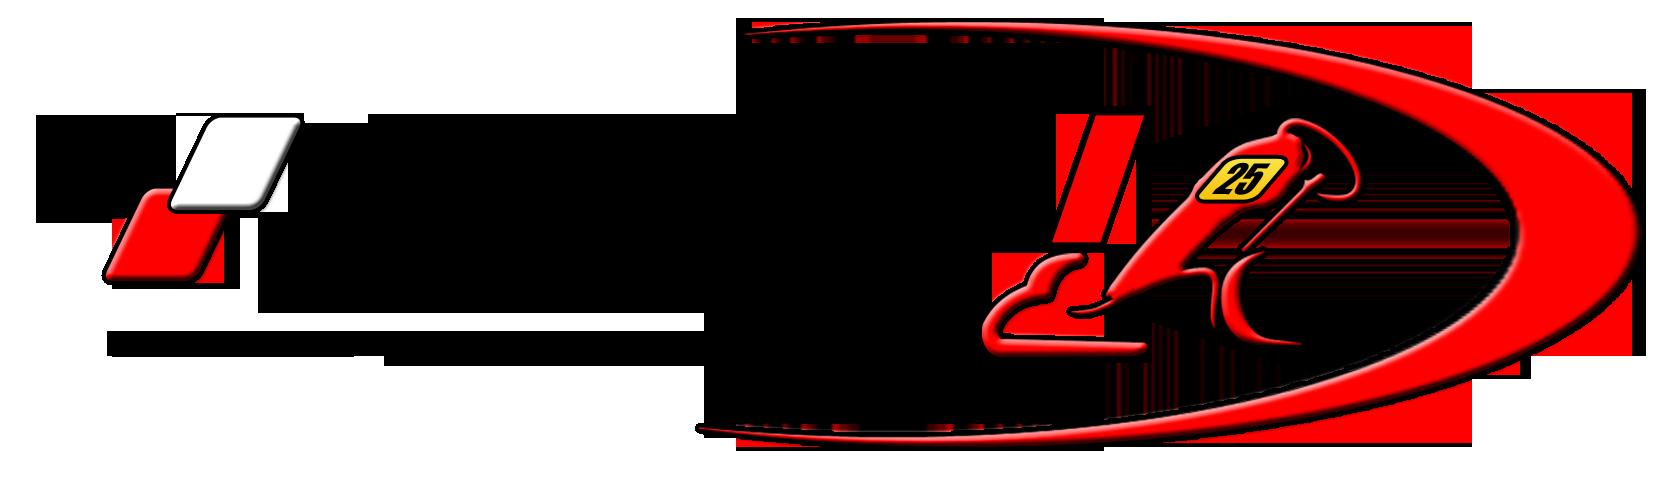 logo srk png